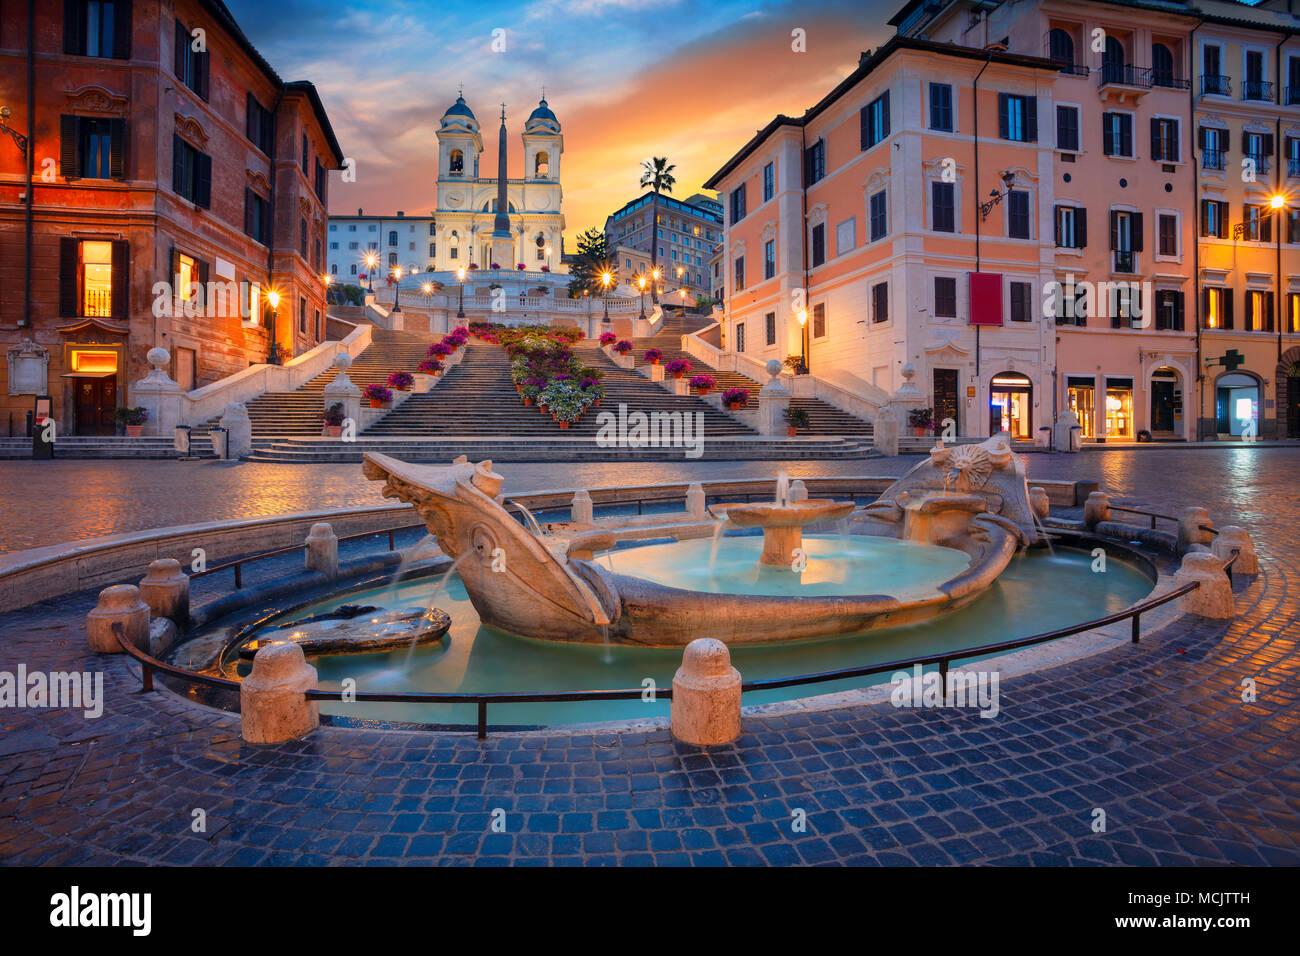 Roma. Cityscape immagine della Scalinata di piazza di Spagna a Roma, in Italia durante il sunrise. Immagini Stock